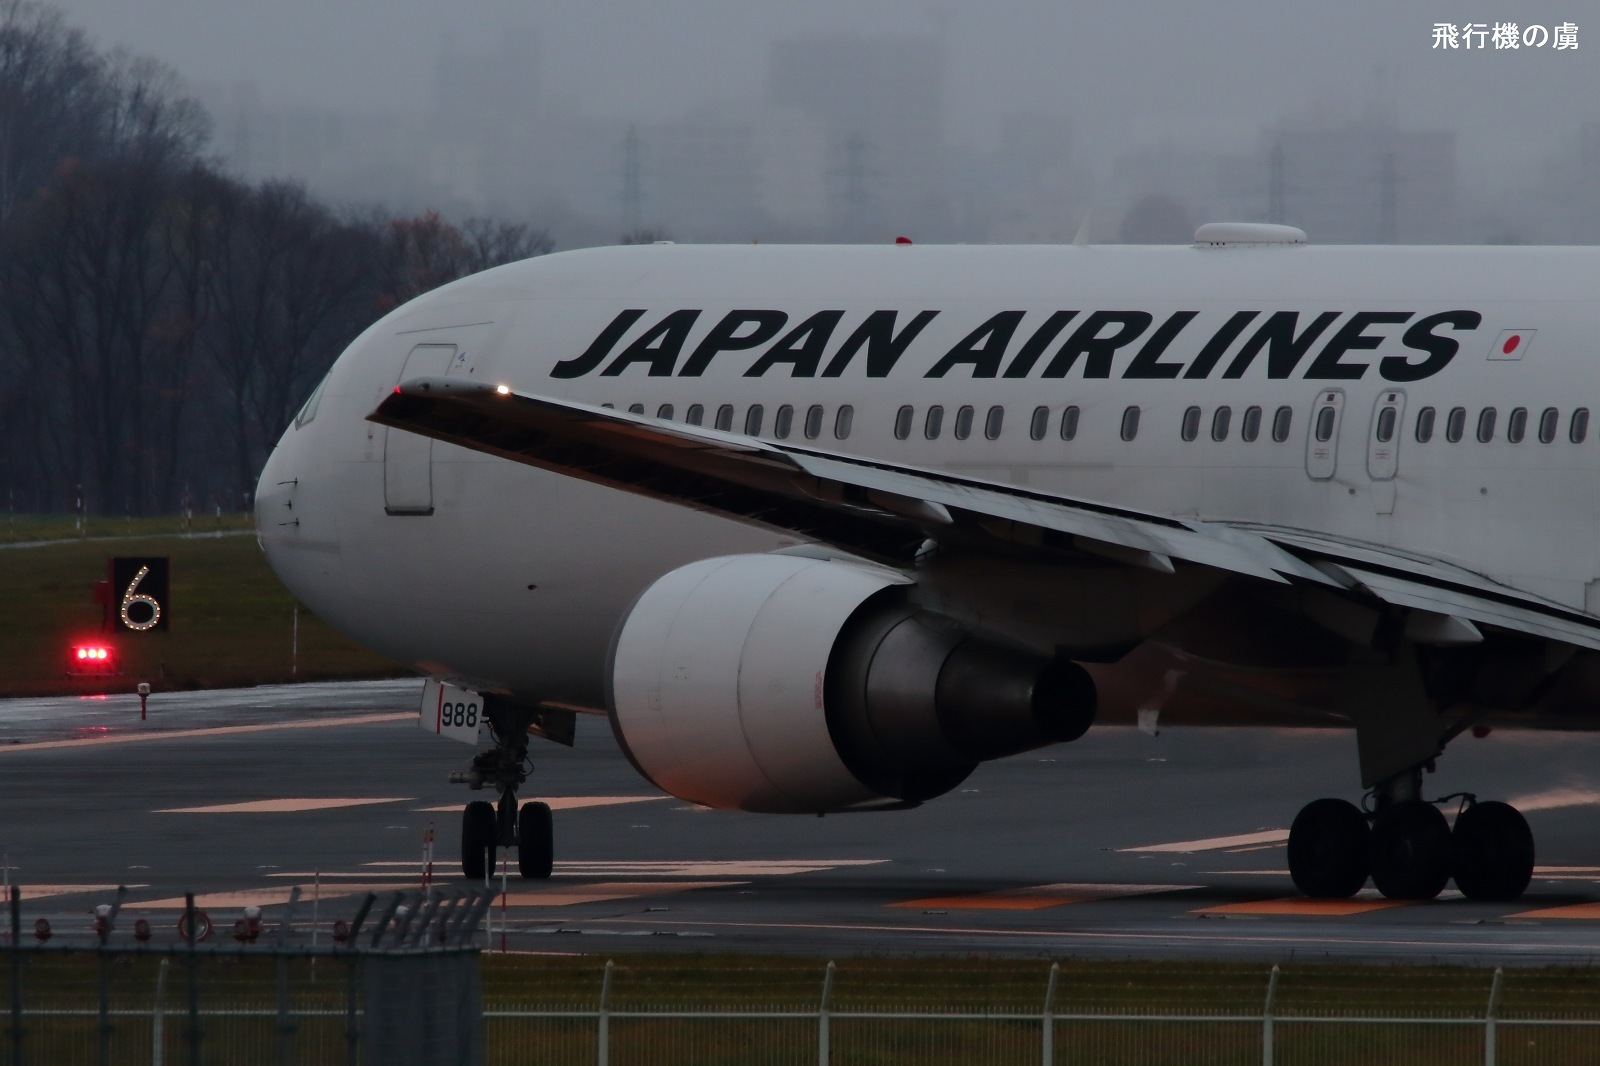 滑走路へ  B767  日本航空(JL)_b0313338_00405176.jpg